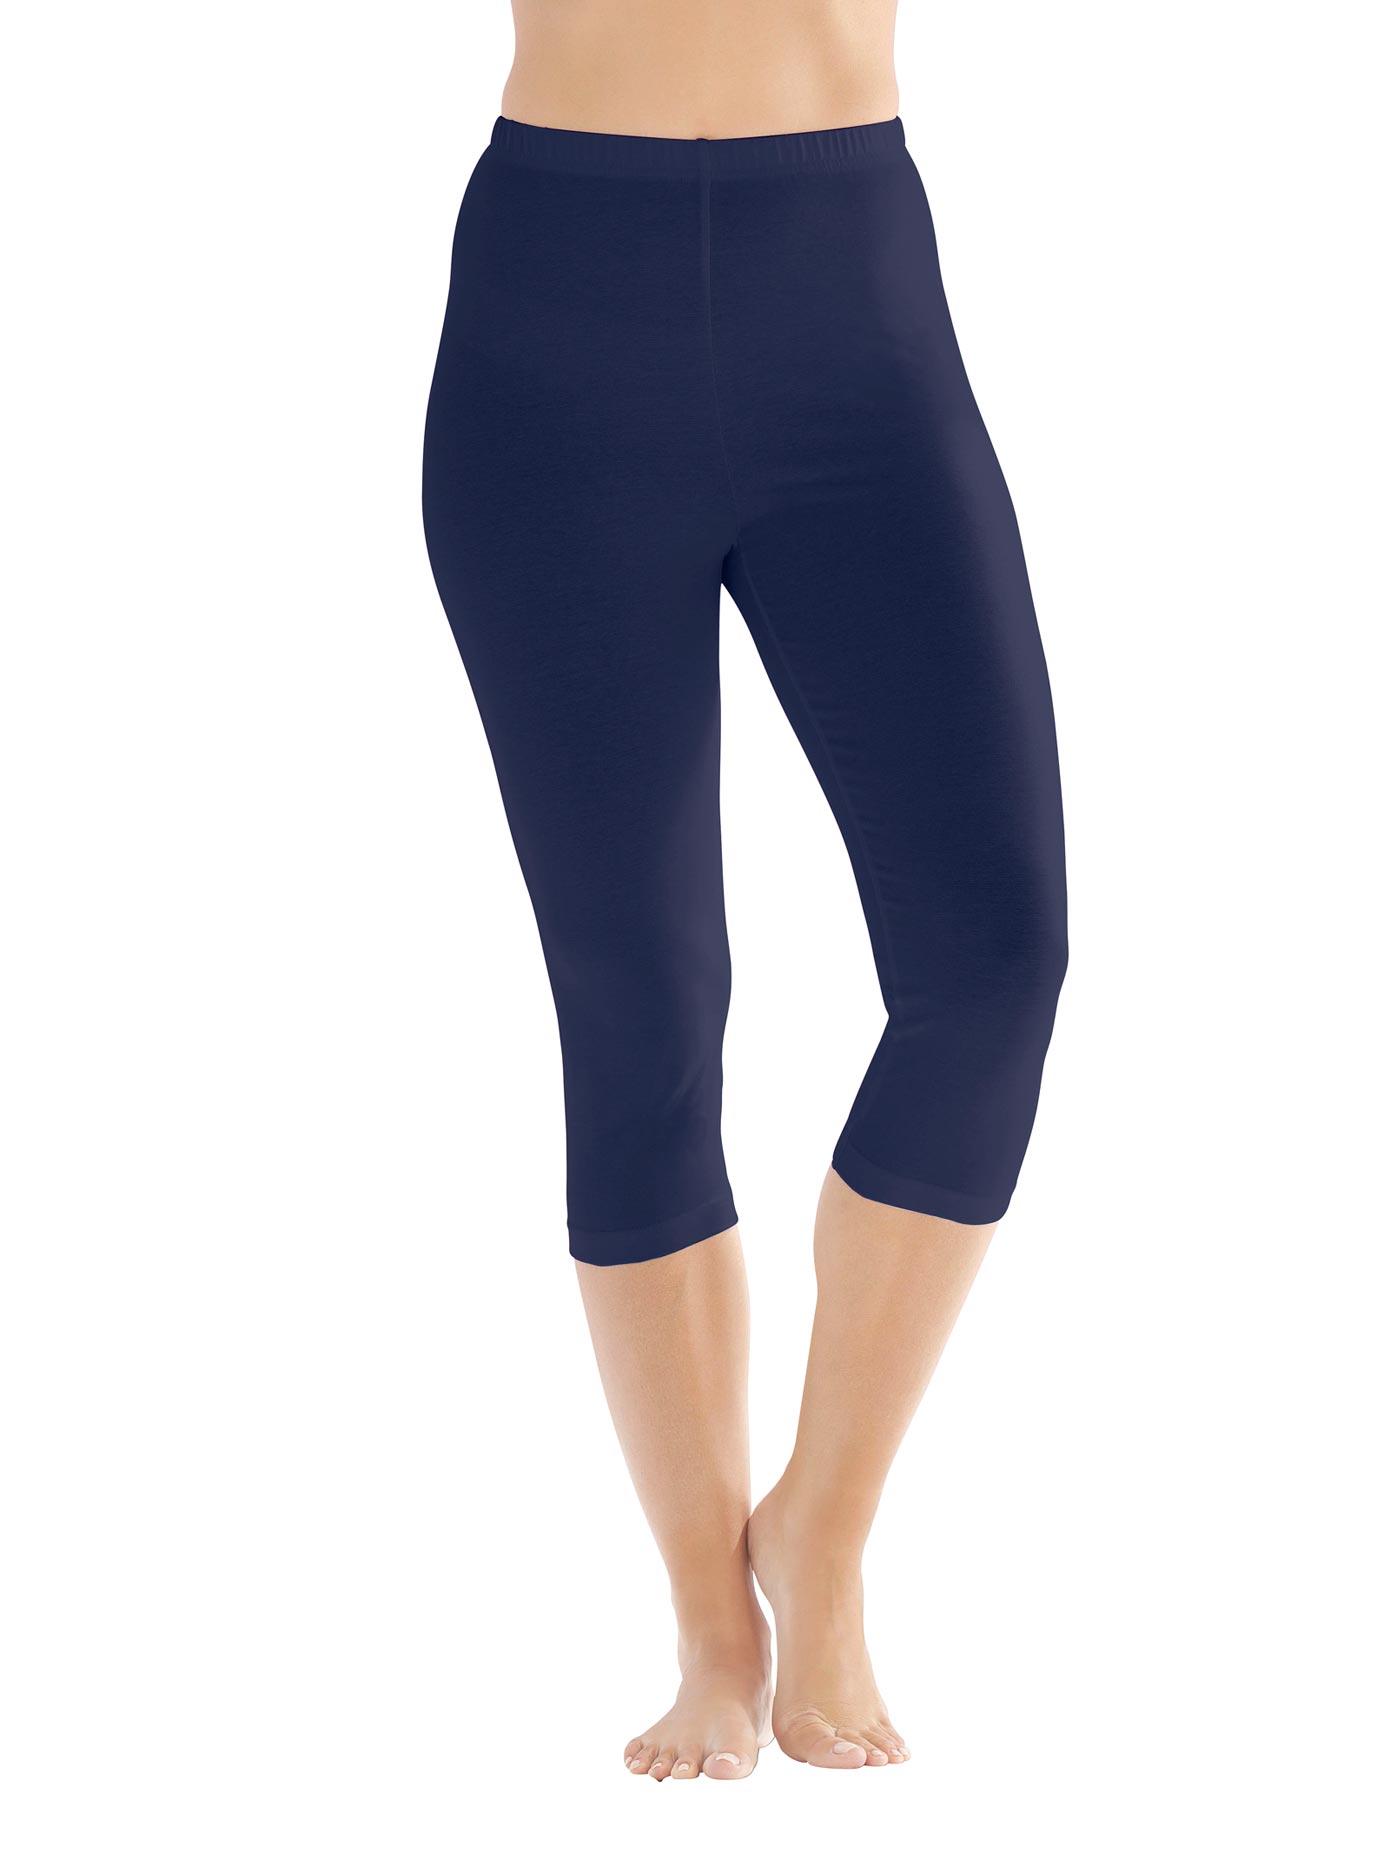 Caprileggings blau Damen Leggings Hosen